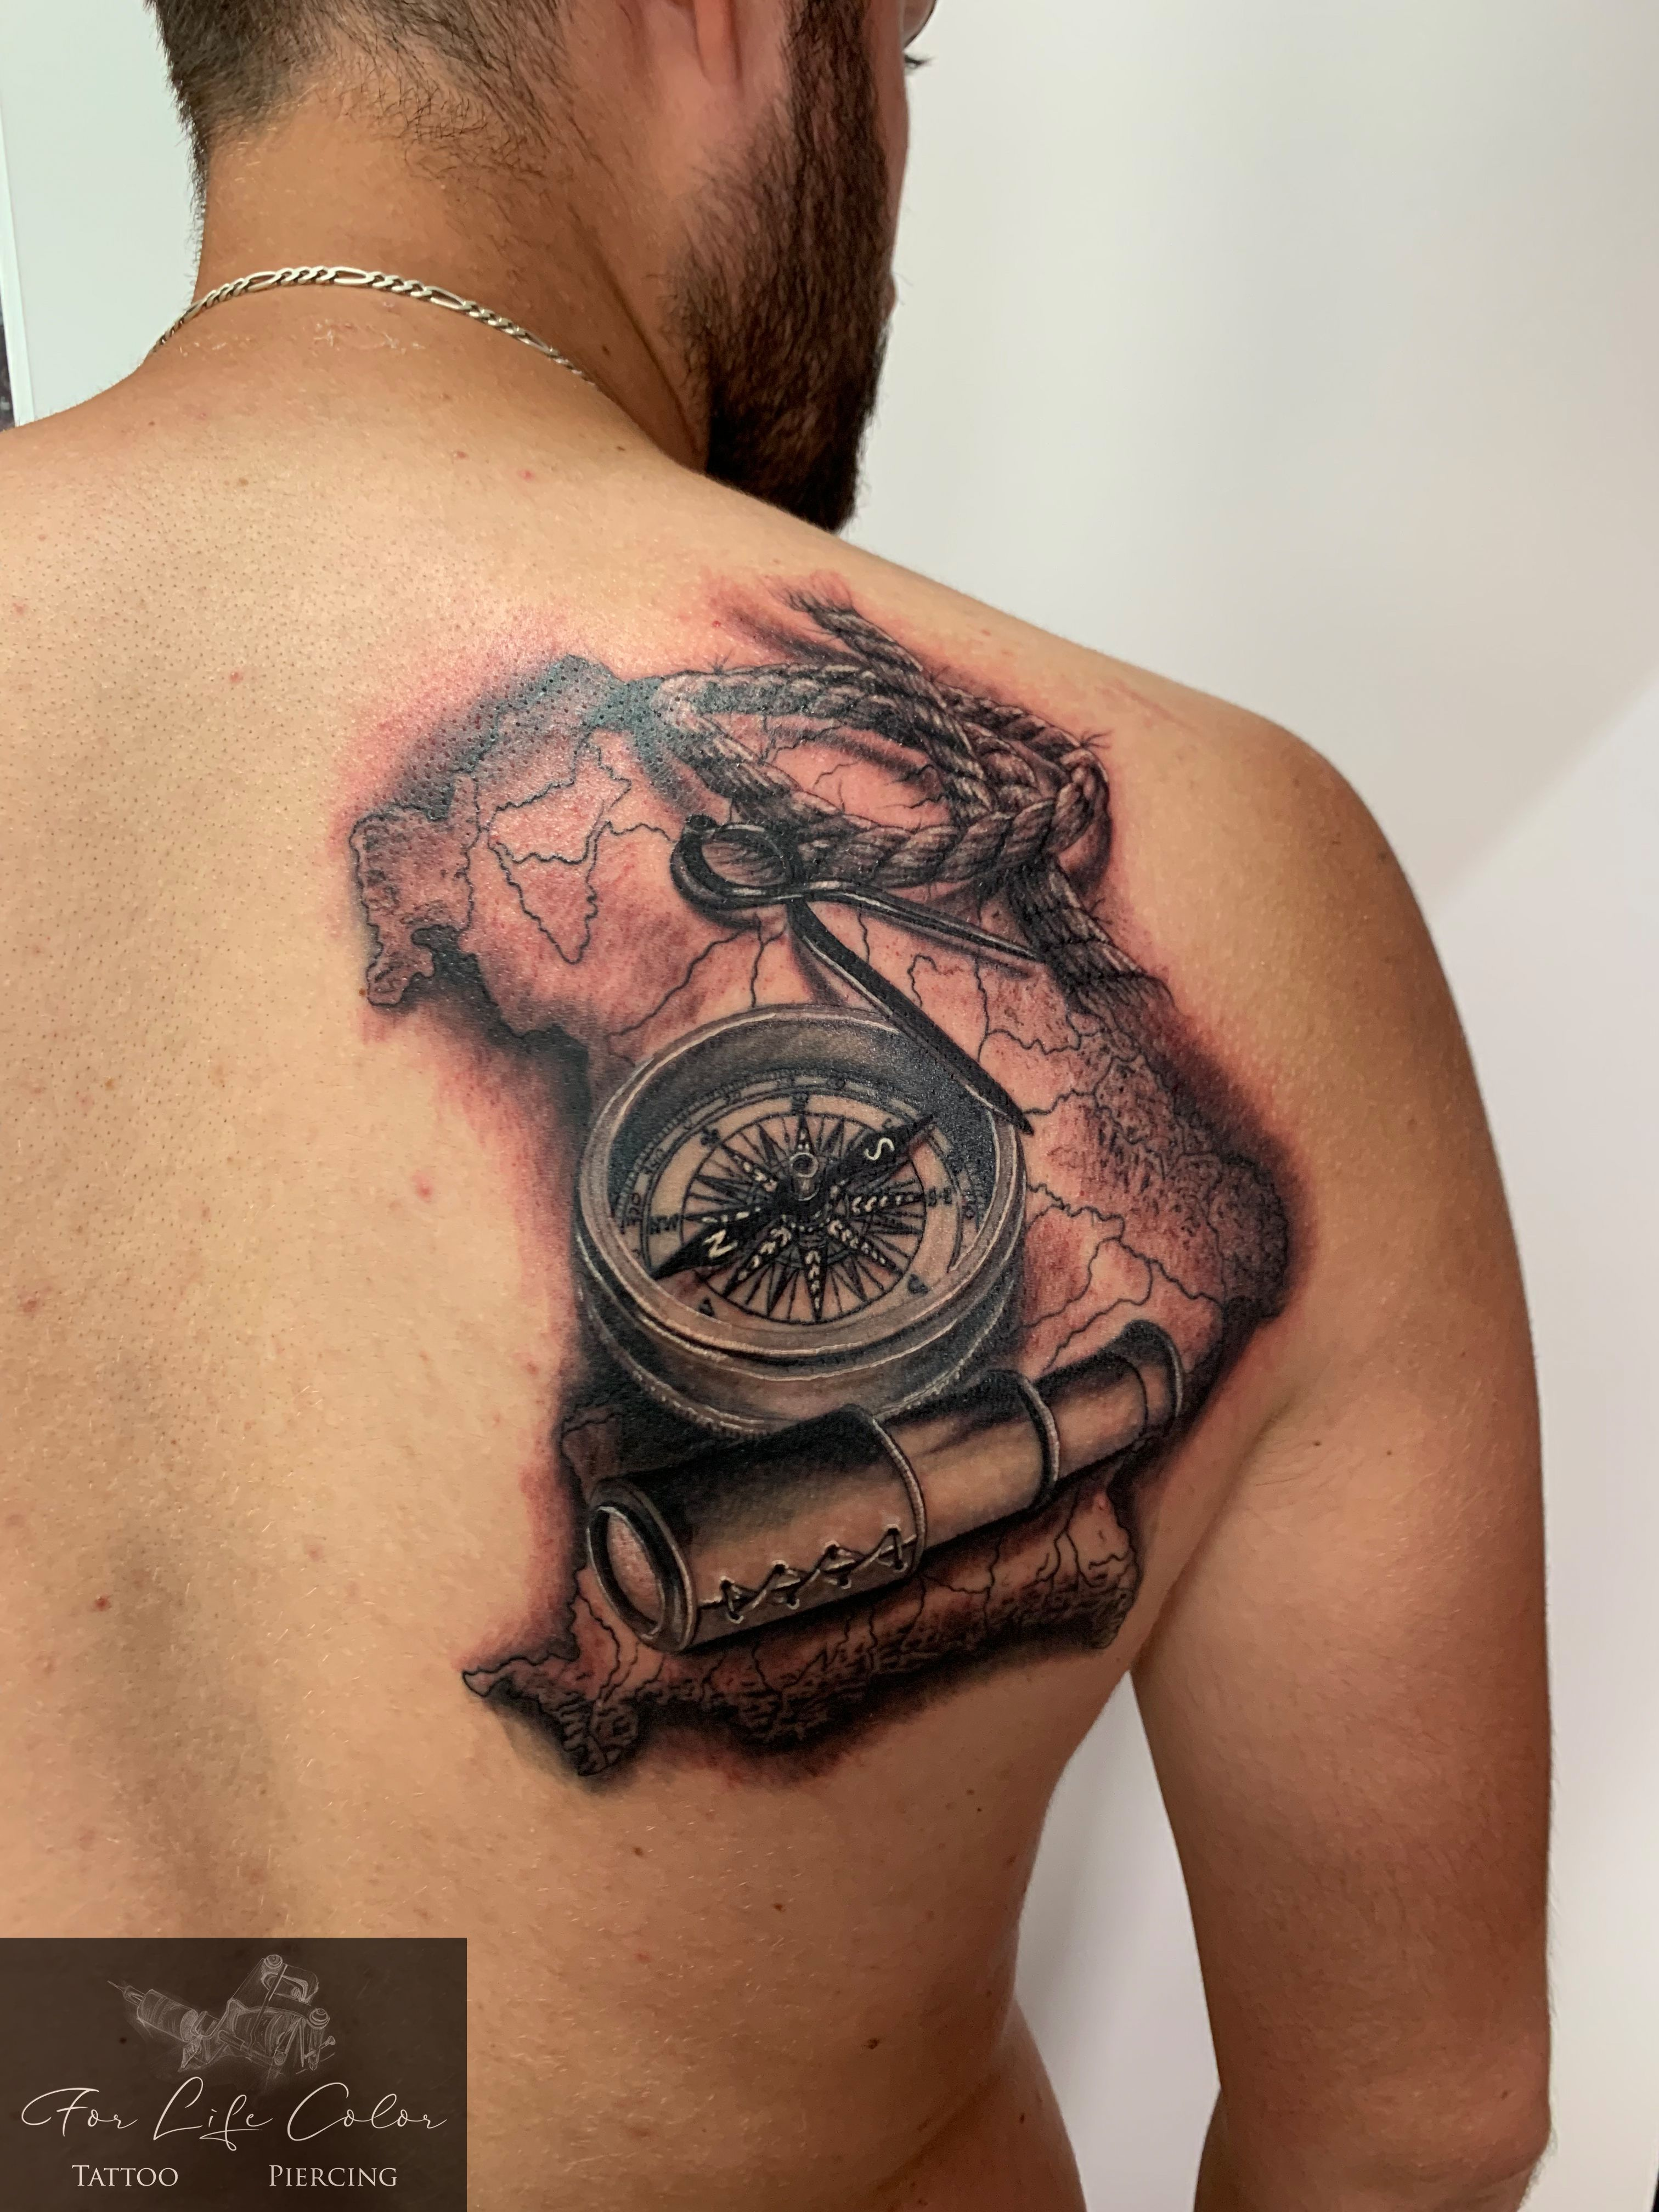 #forlifecolor #tattoo #tattooideas #tattoos #tattoorosenheim #tattoogirls #tattoomen #ink #inked #inkedmen #inkedgirl #inkmagazine #inkmaster #tattooer #tattooist #tattoorealistic #tatts #inkedgirls #inktattoo #black #blackandgreyink #blackandgrey #inks #inktattoo #bayern